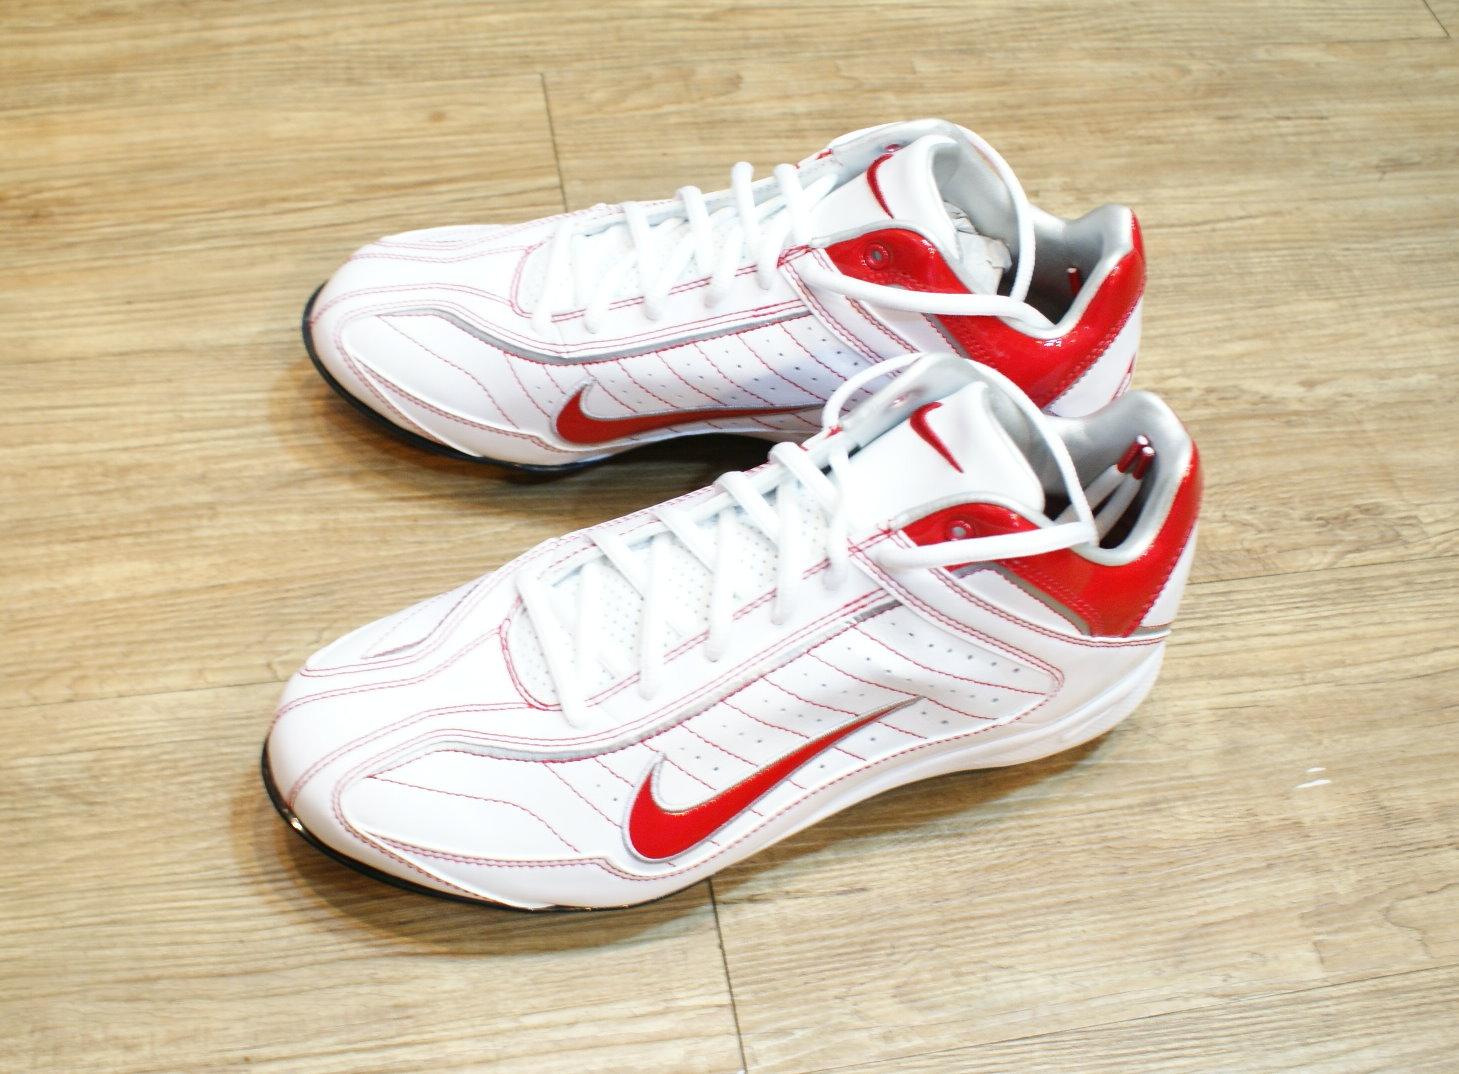 棒球世界2012 NIKE AIR BLUSTER V MCS 3/4棒壘專用膠釘鞋白/紅特價